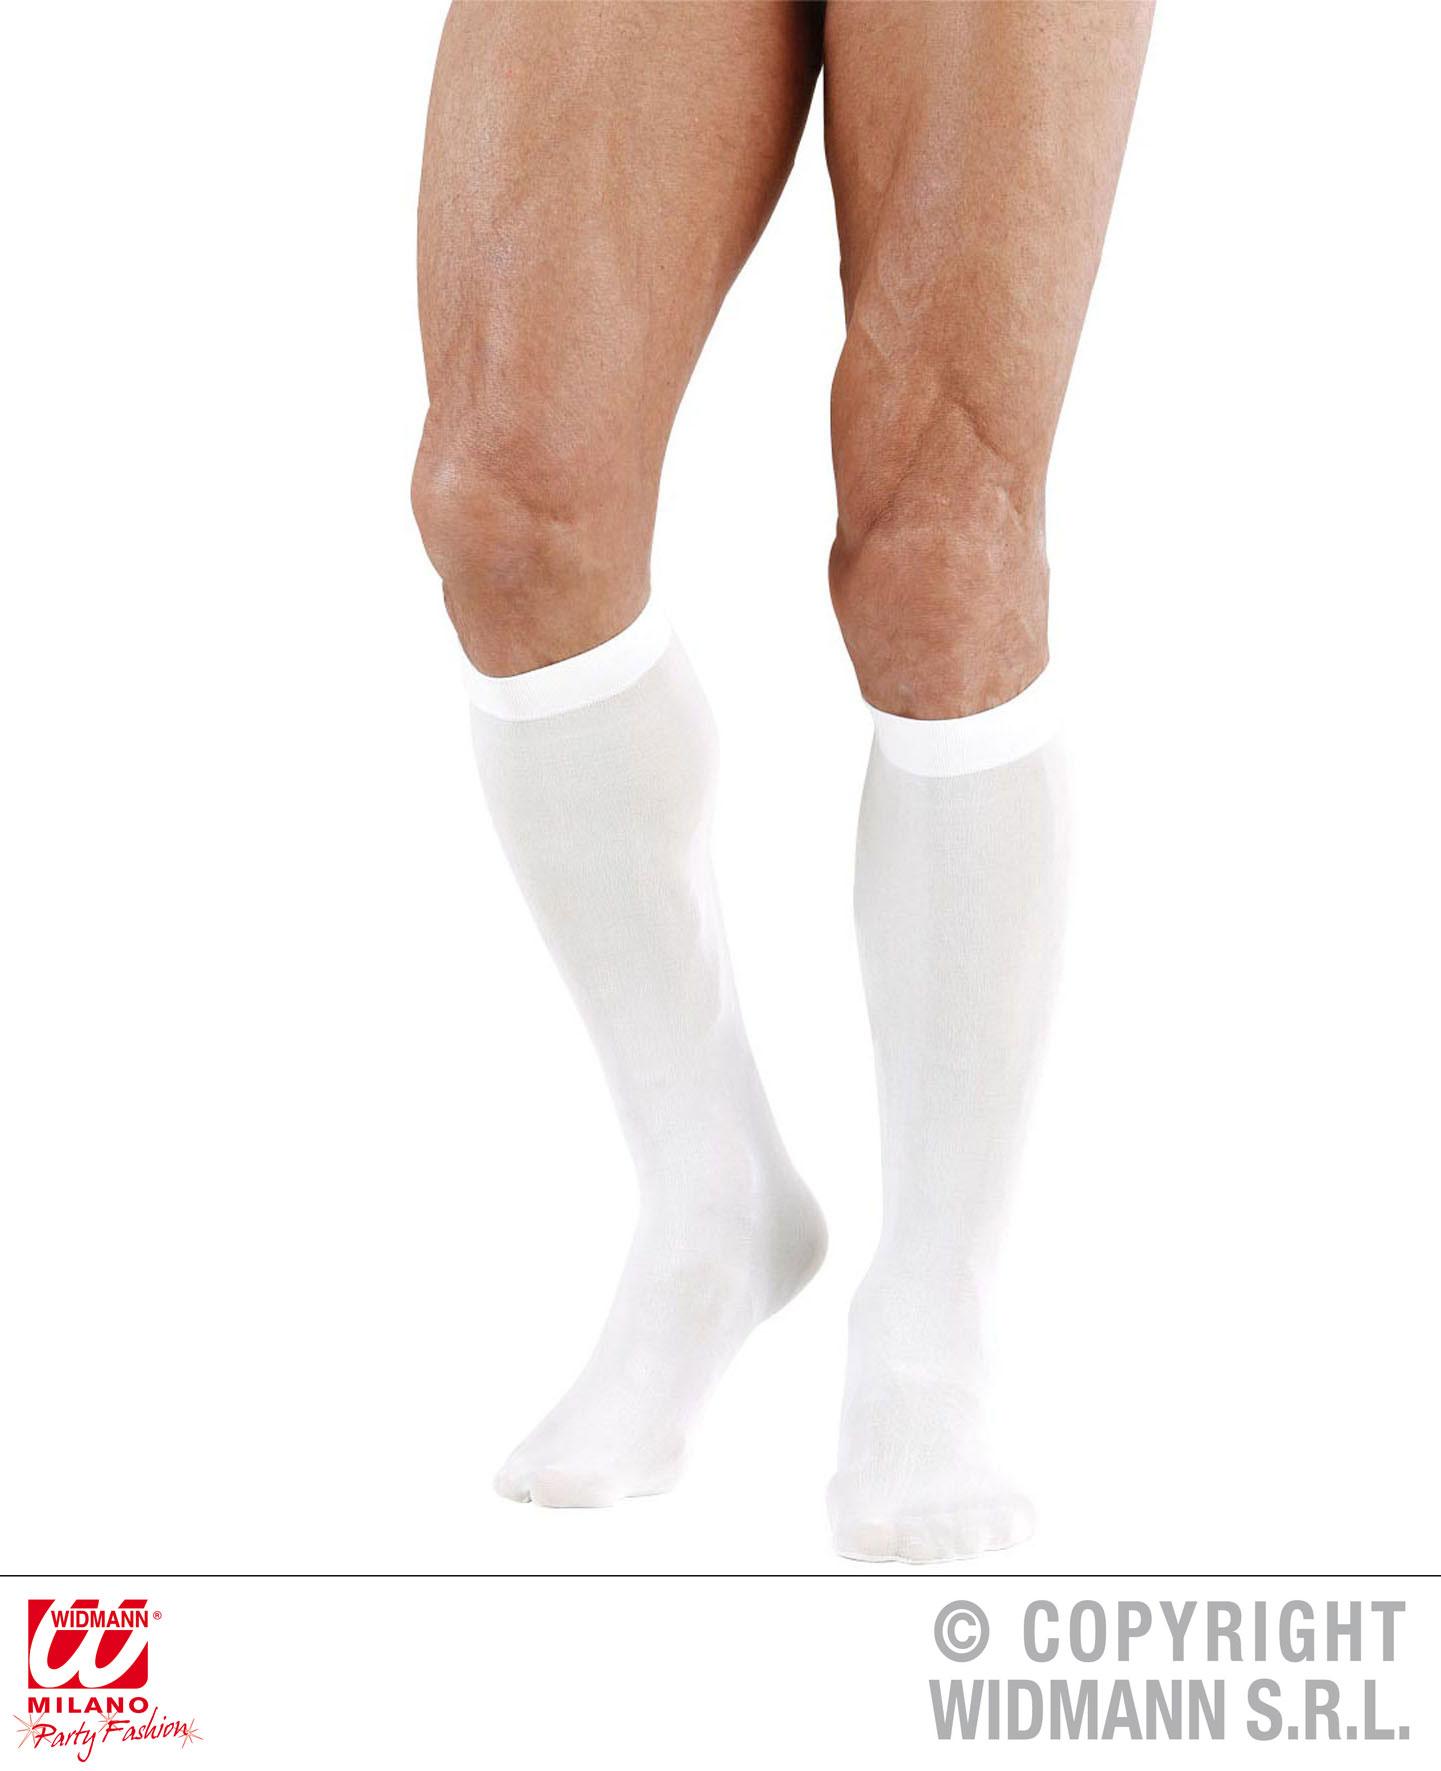 Αποκριάτικες Κάλτσες Λευκές  Αποκριάτικες Κάλτσες Λευκές 58d934e4634